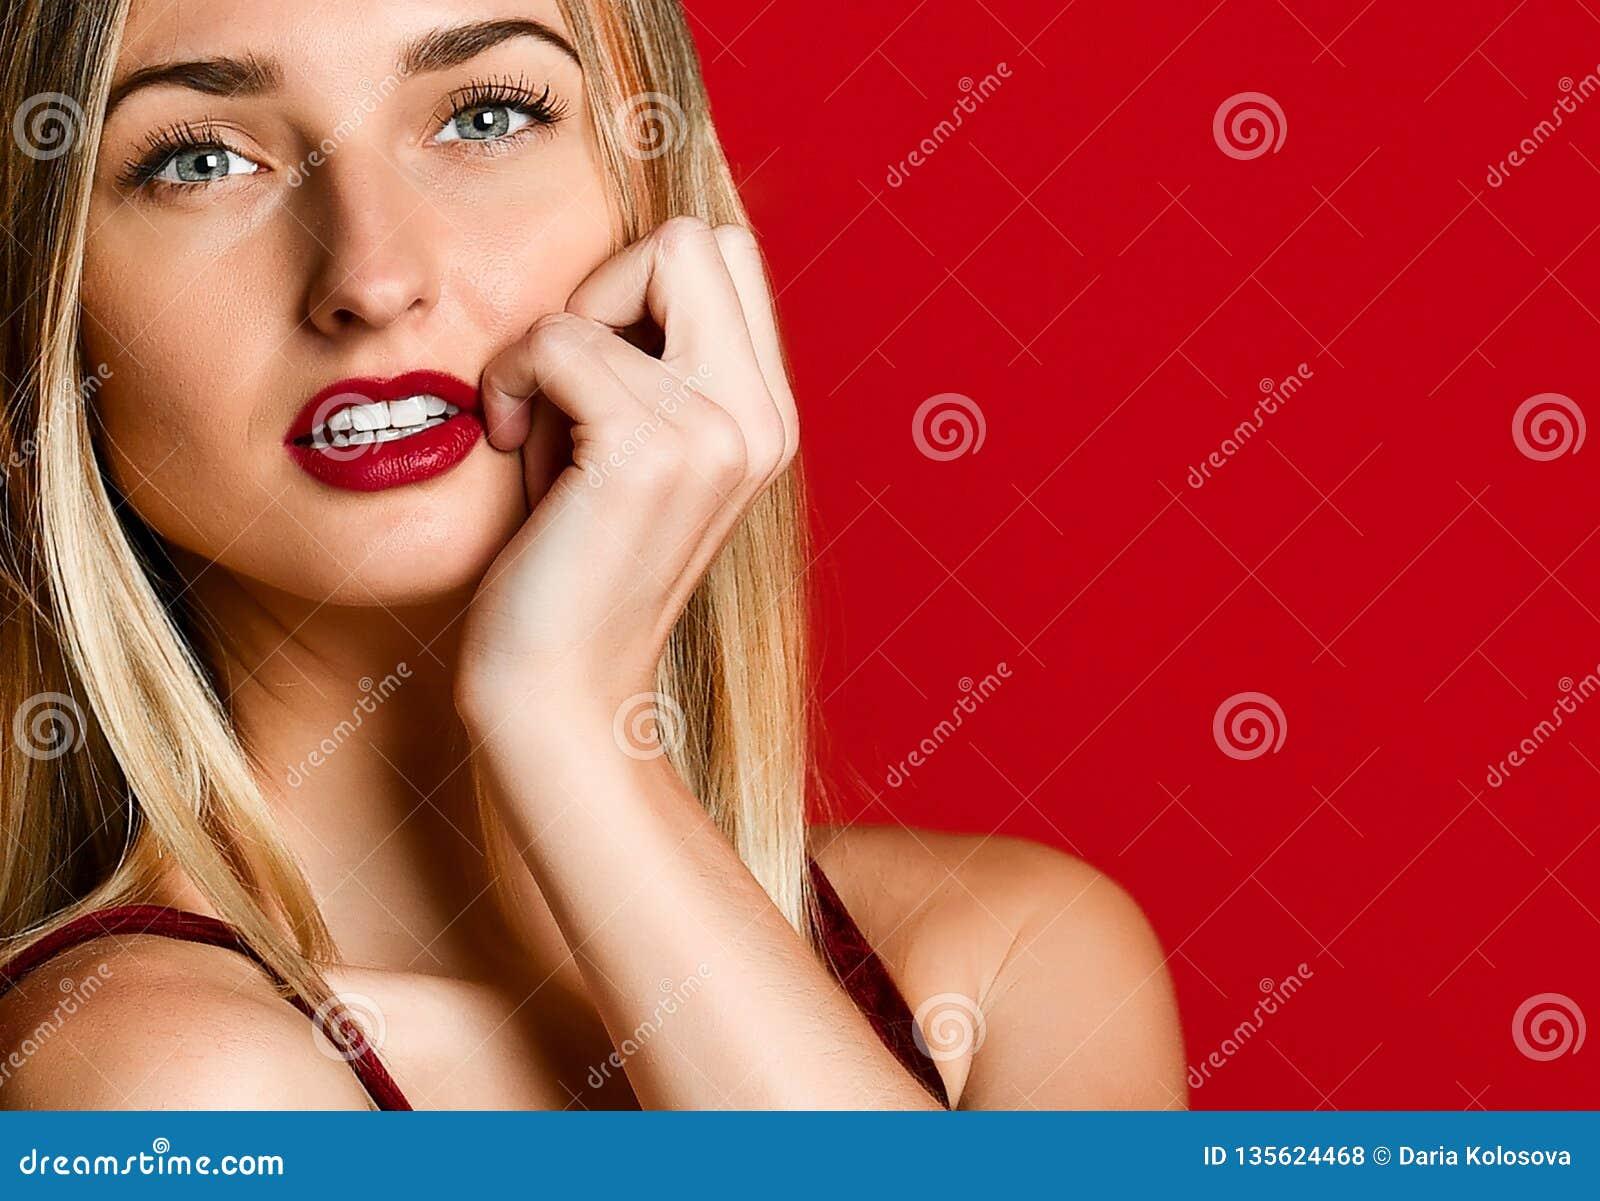 Menina modelo das mulheres  sexy  no dia de Valentim do amor com bordos vermelhos que aturde os olhos azuis surpreendentes